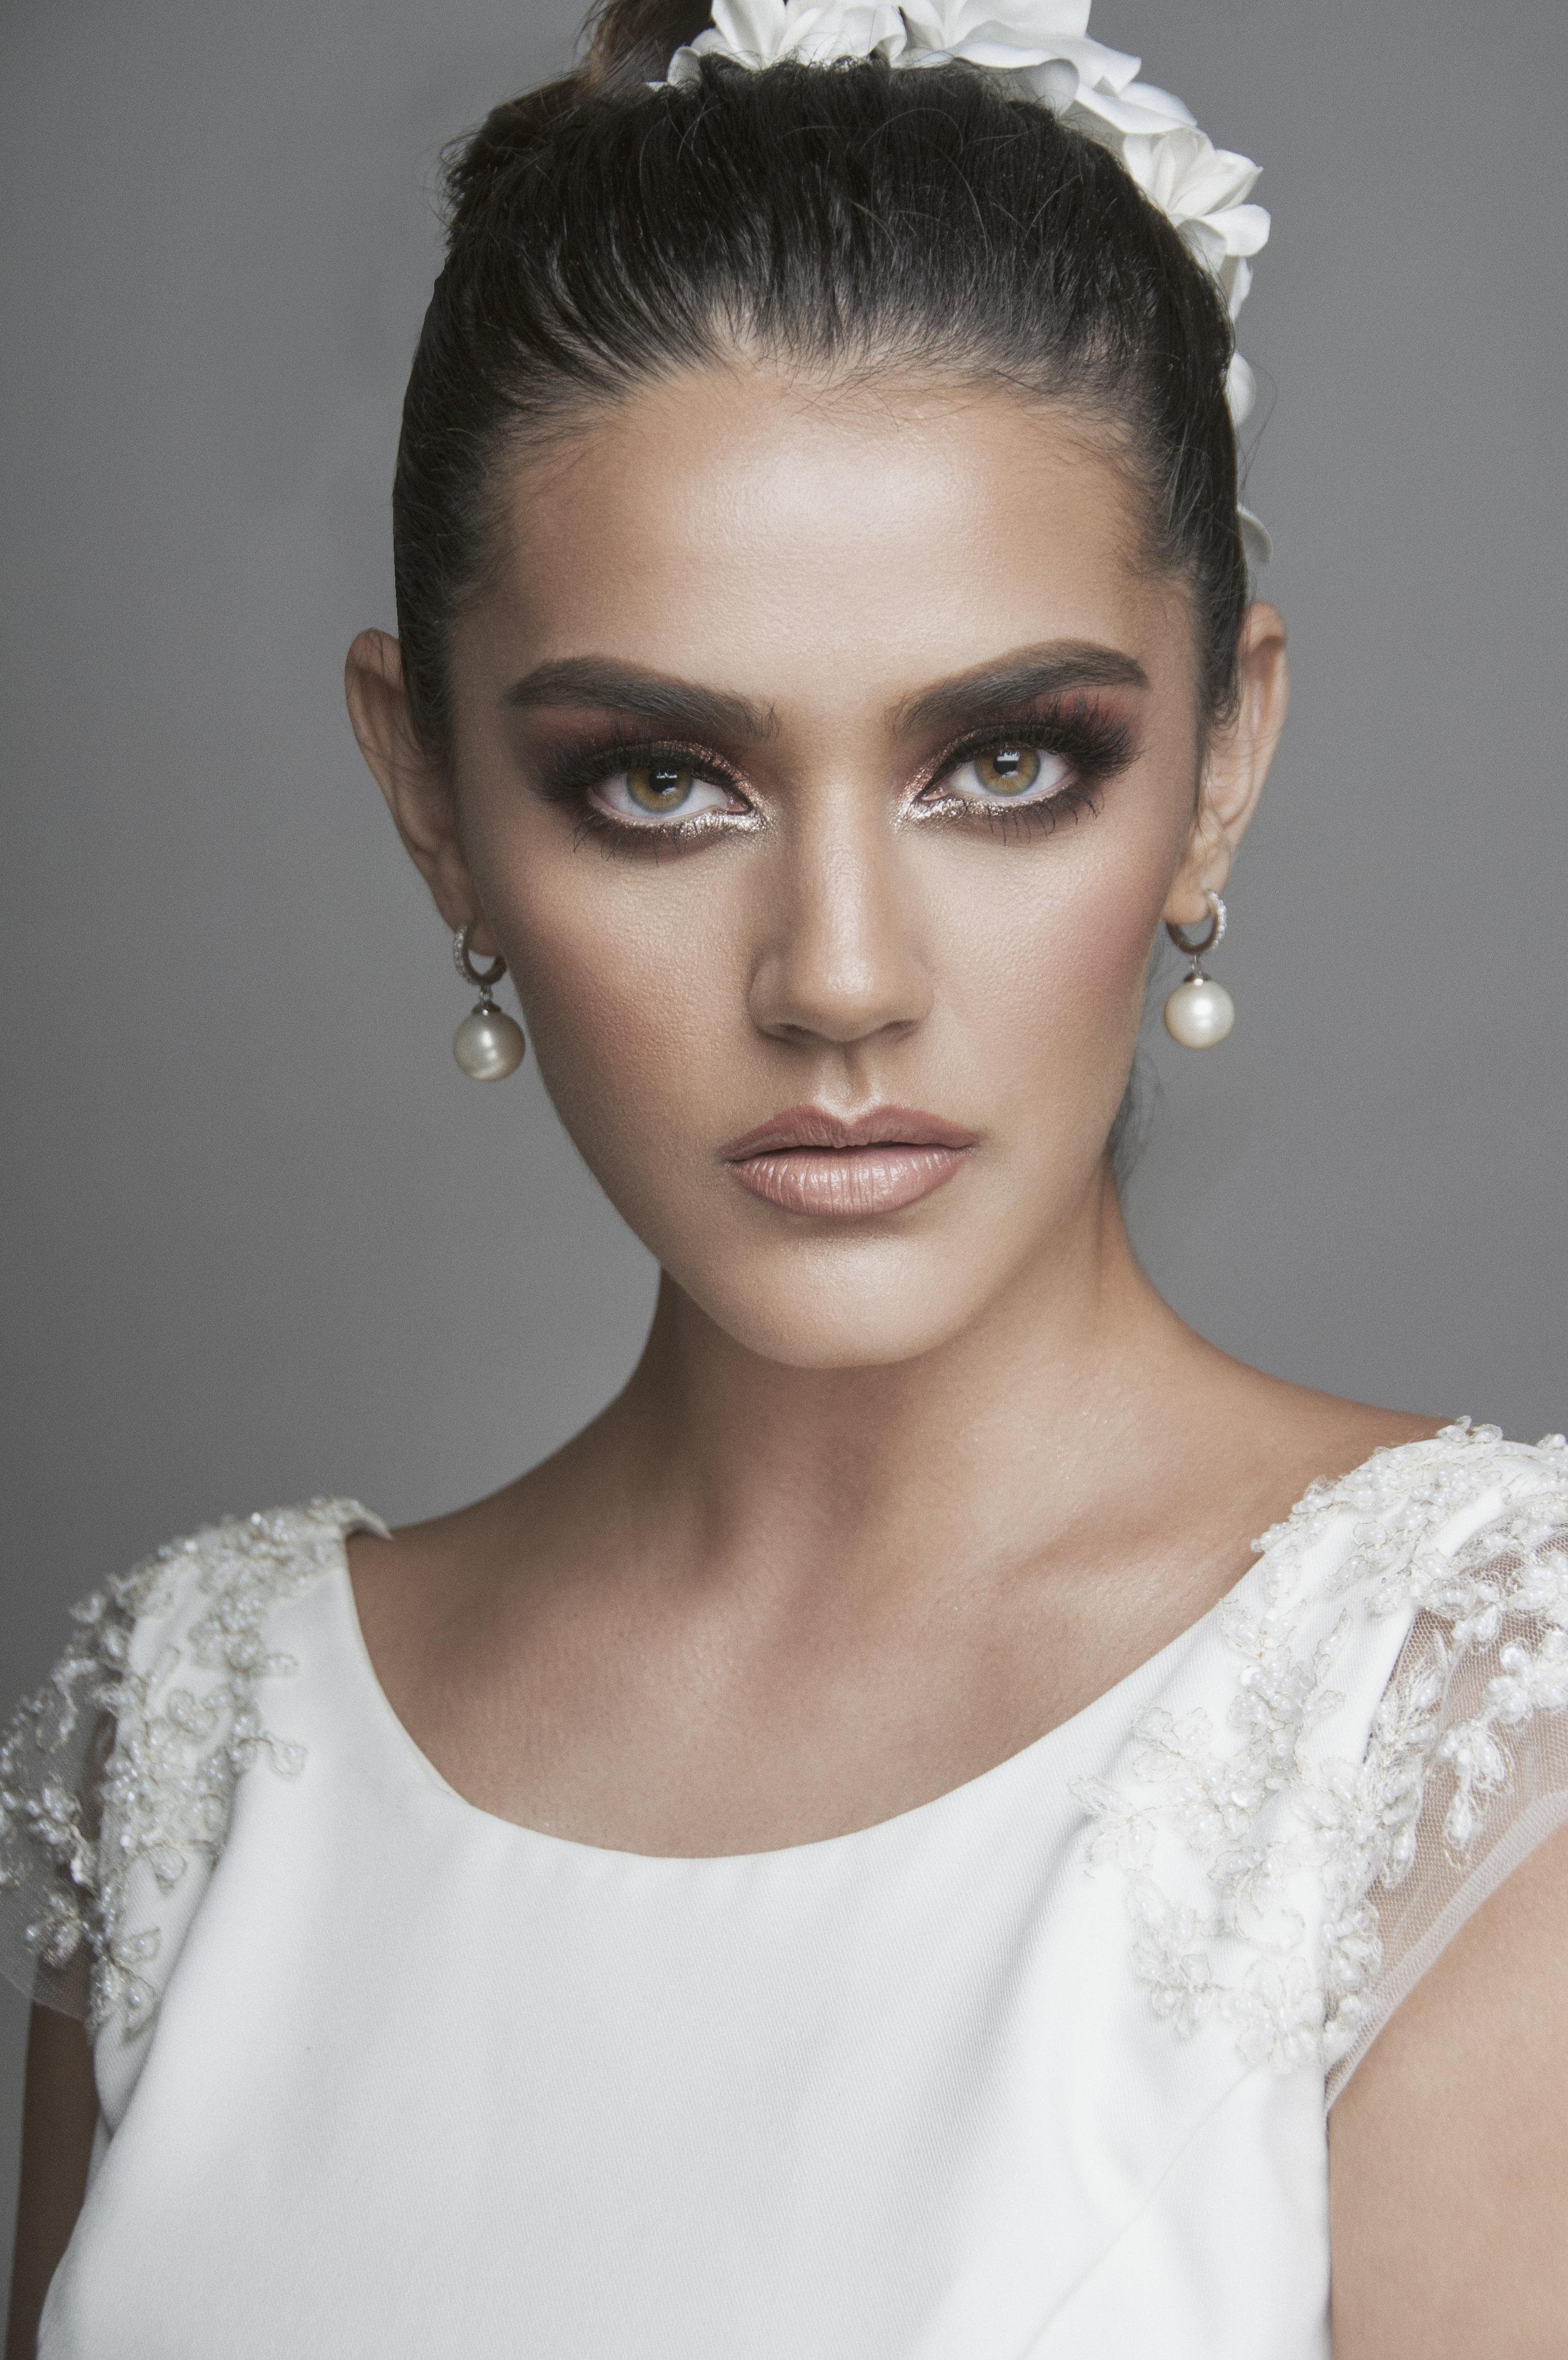 Bridal en Español at Make Up First